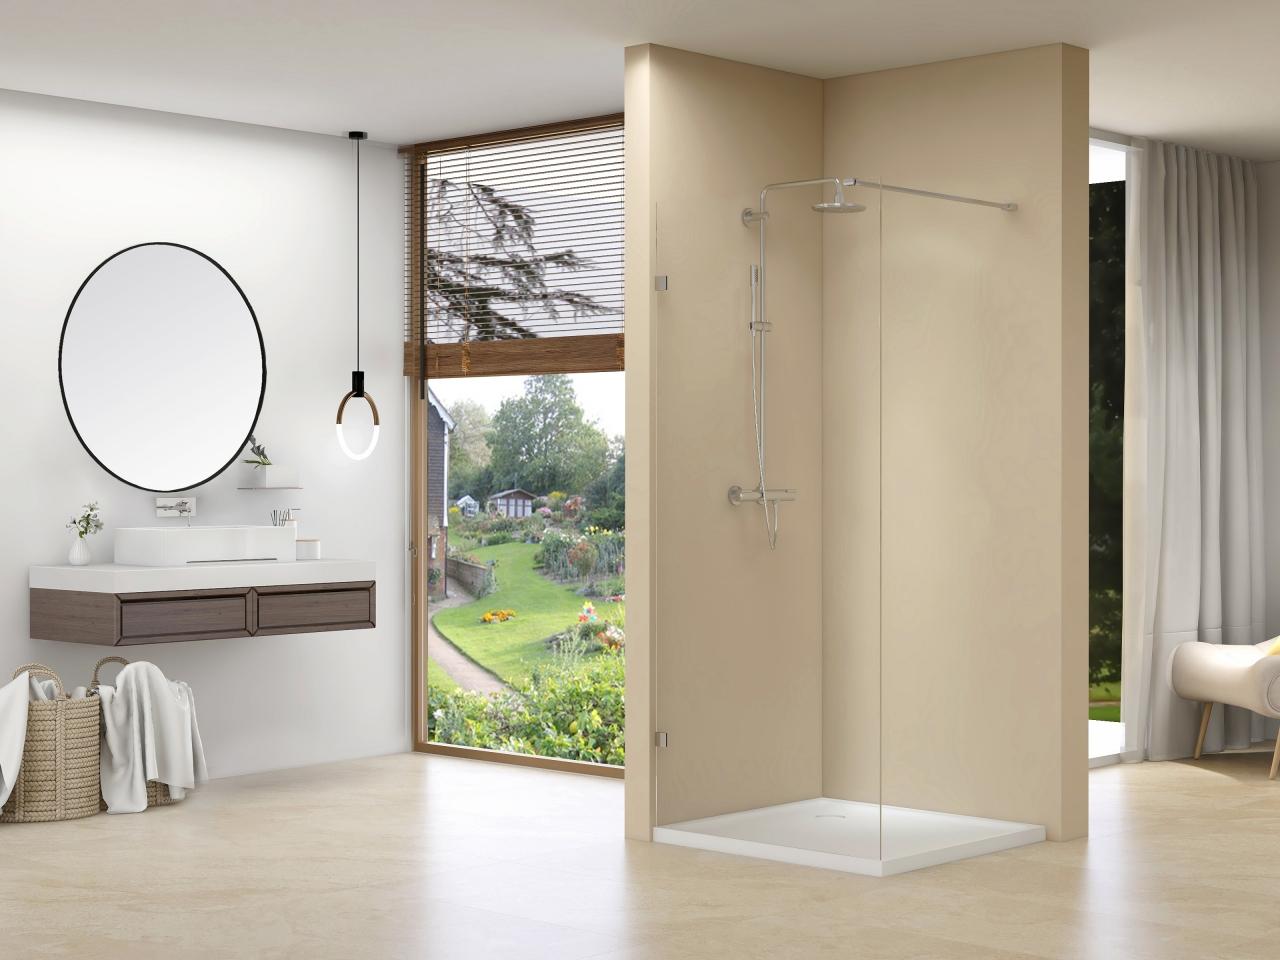 Productafbeelding van van Rijn ST01 profielloze inloopdouche 120x200cm chroom